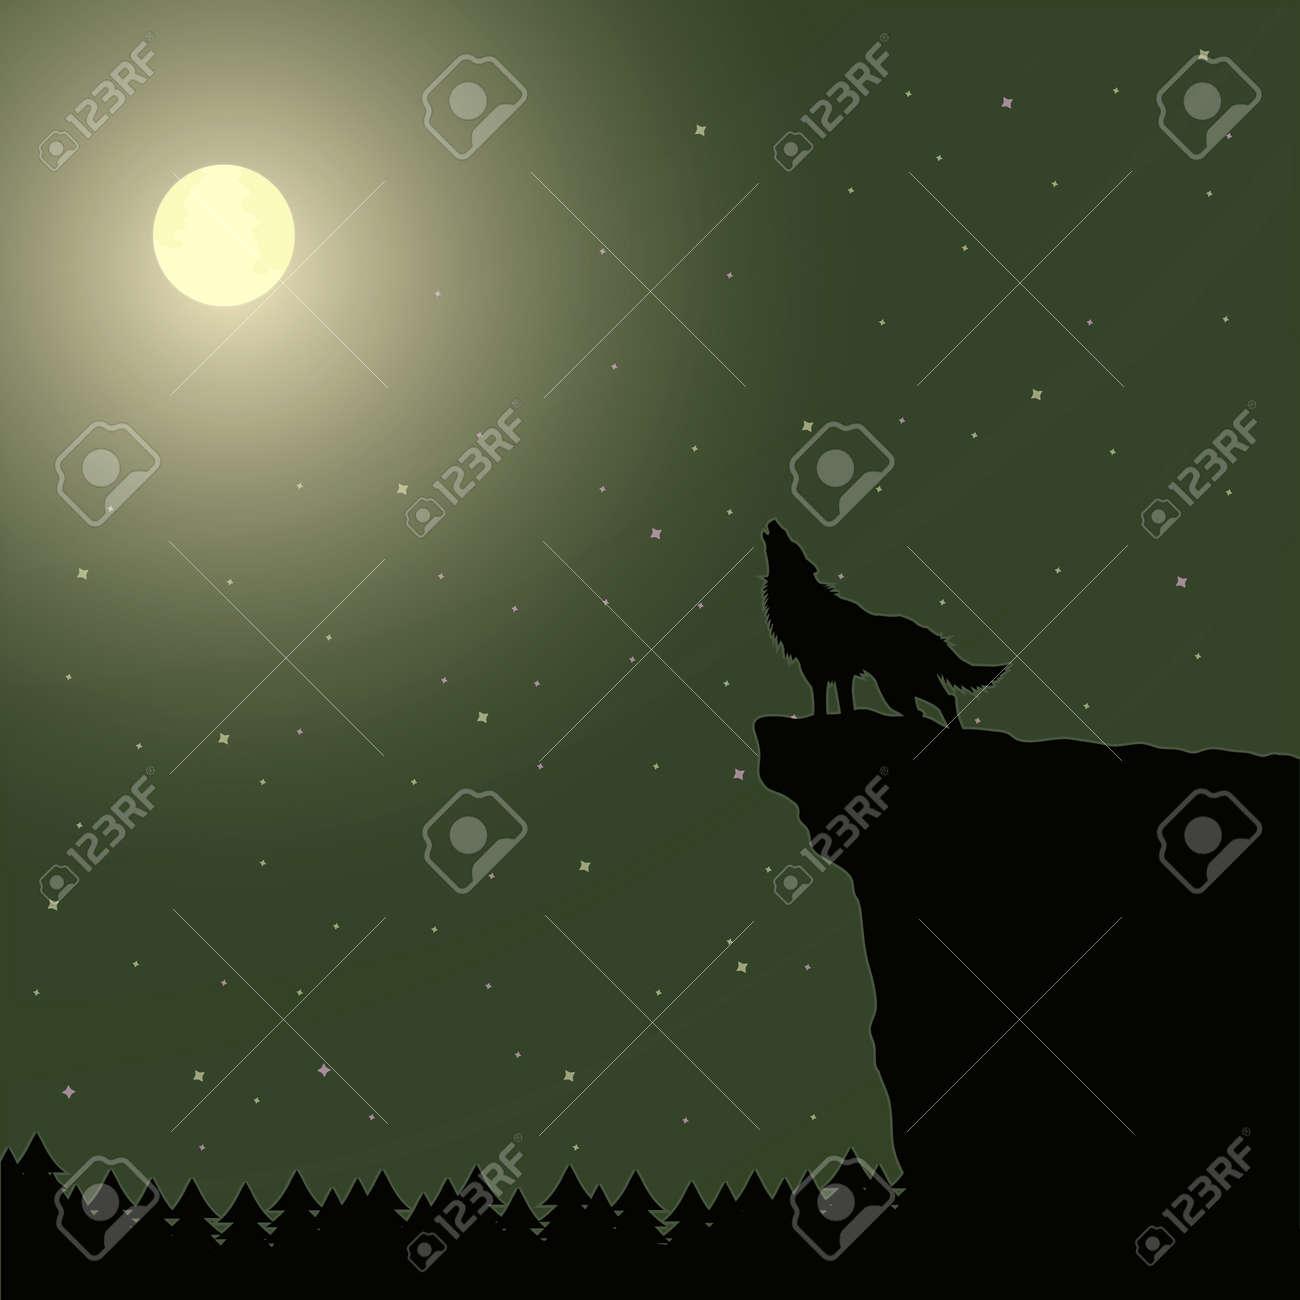 Ilustración Vectorial De Un Lobo Aullando A La Luna Ilustraciones